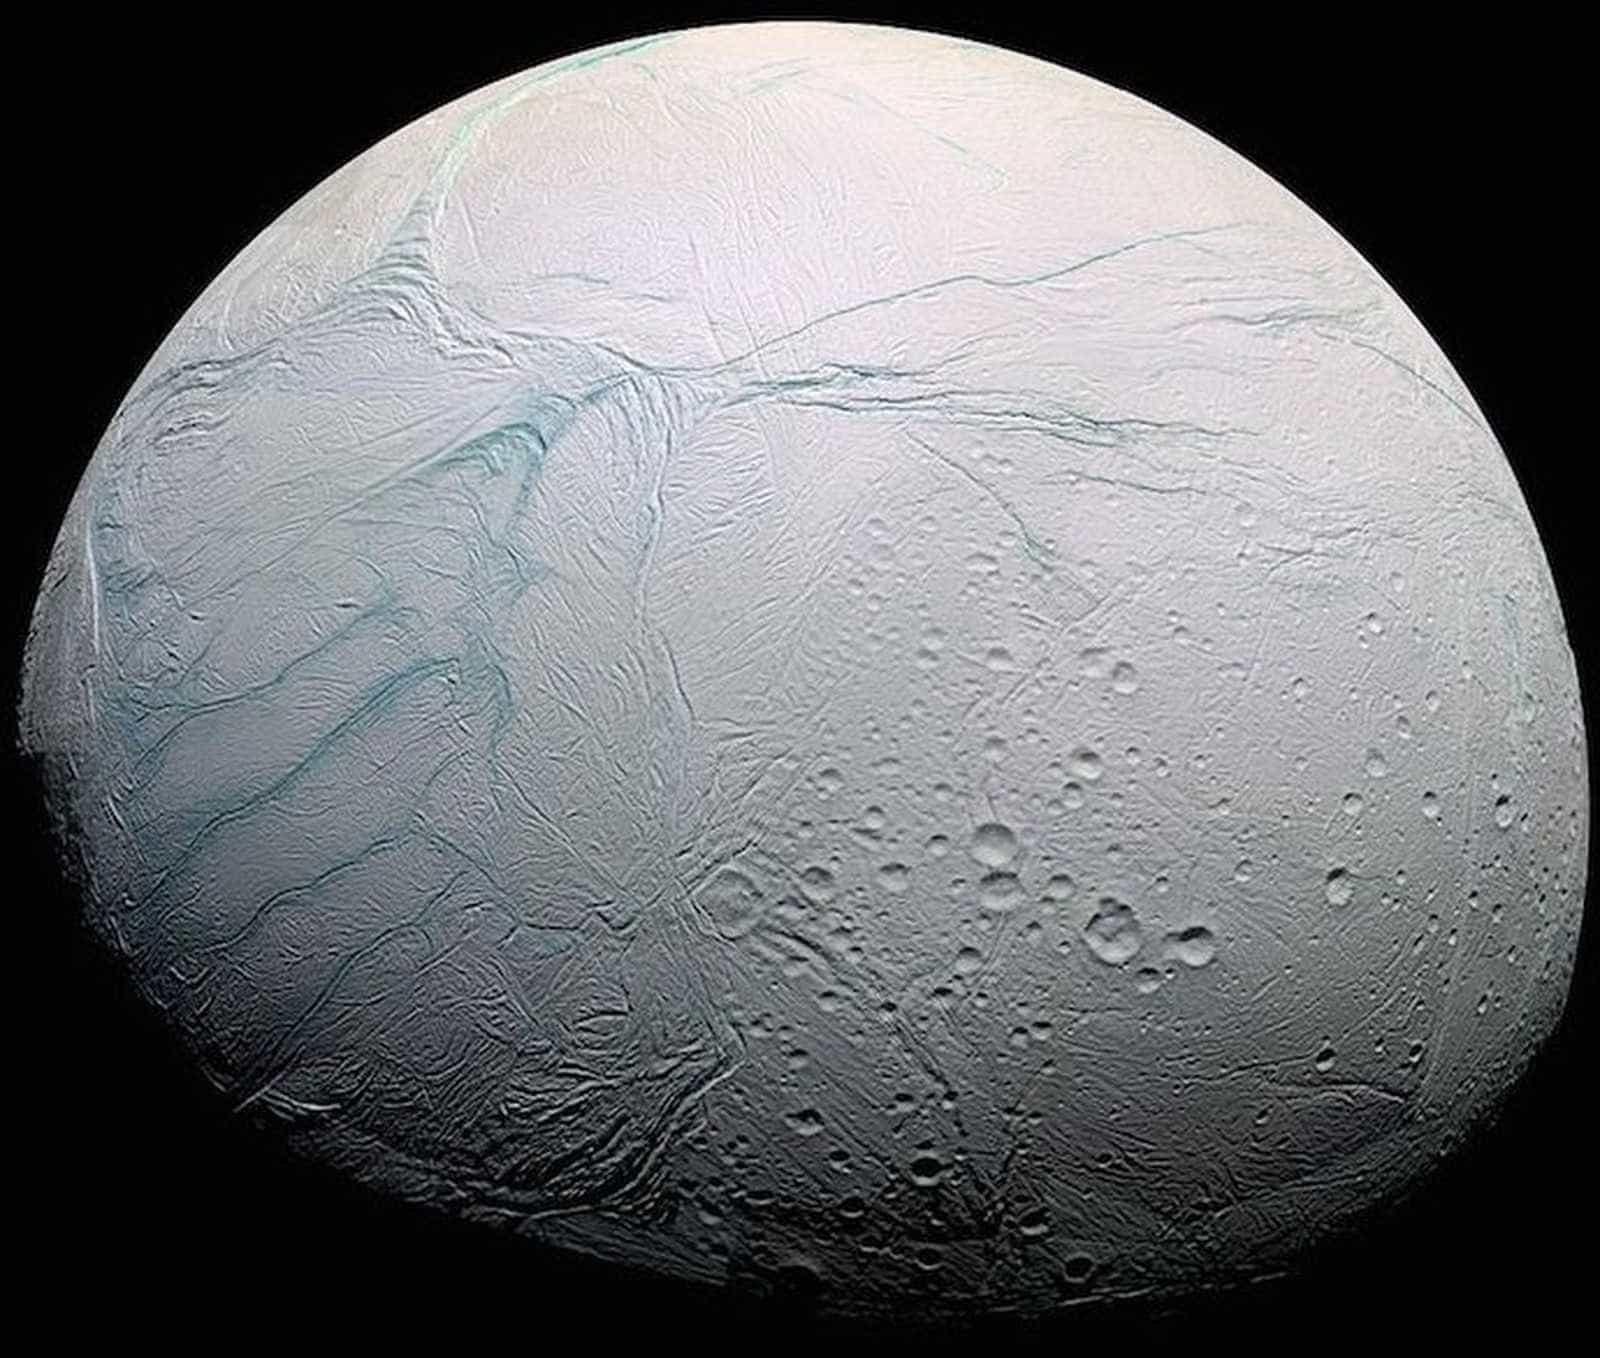 Mais um elemento necessário para vida é descoberto em lua de Saturno